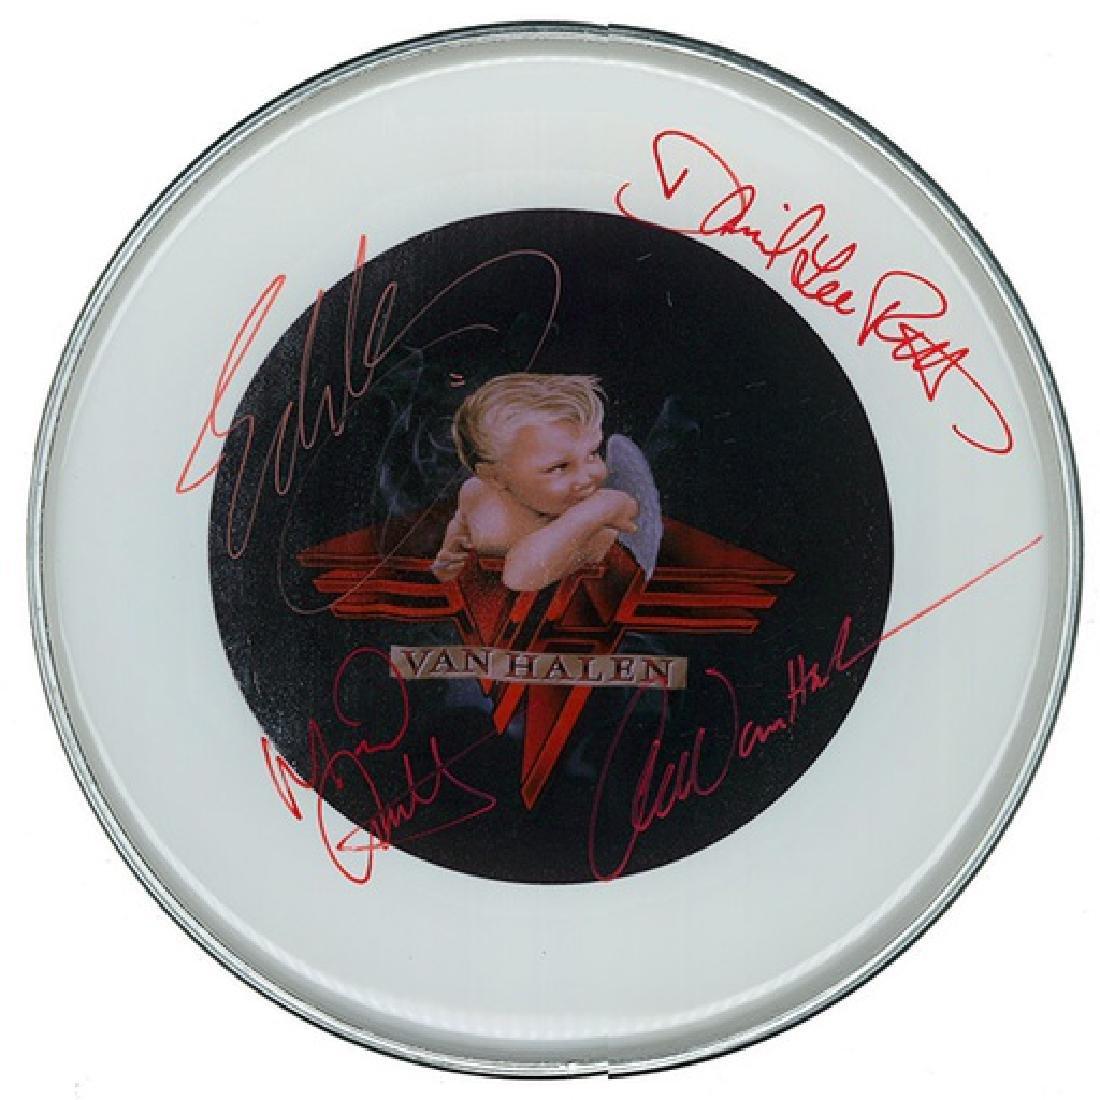 Van Halen 1984 Signed Drum Head